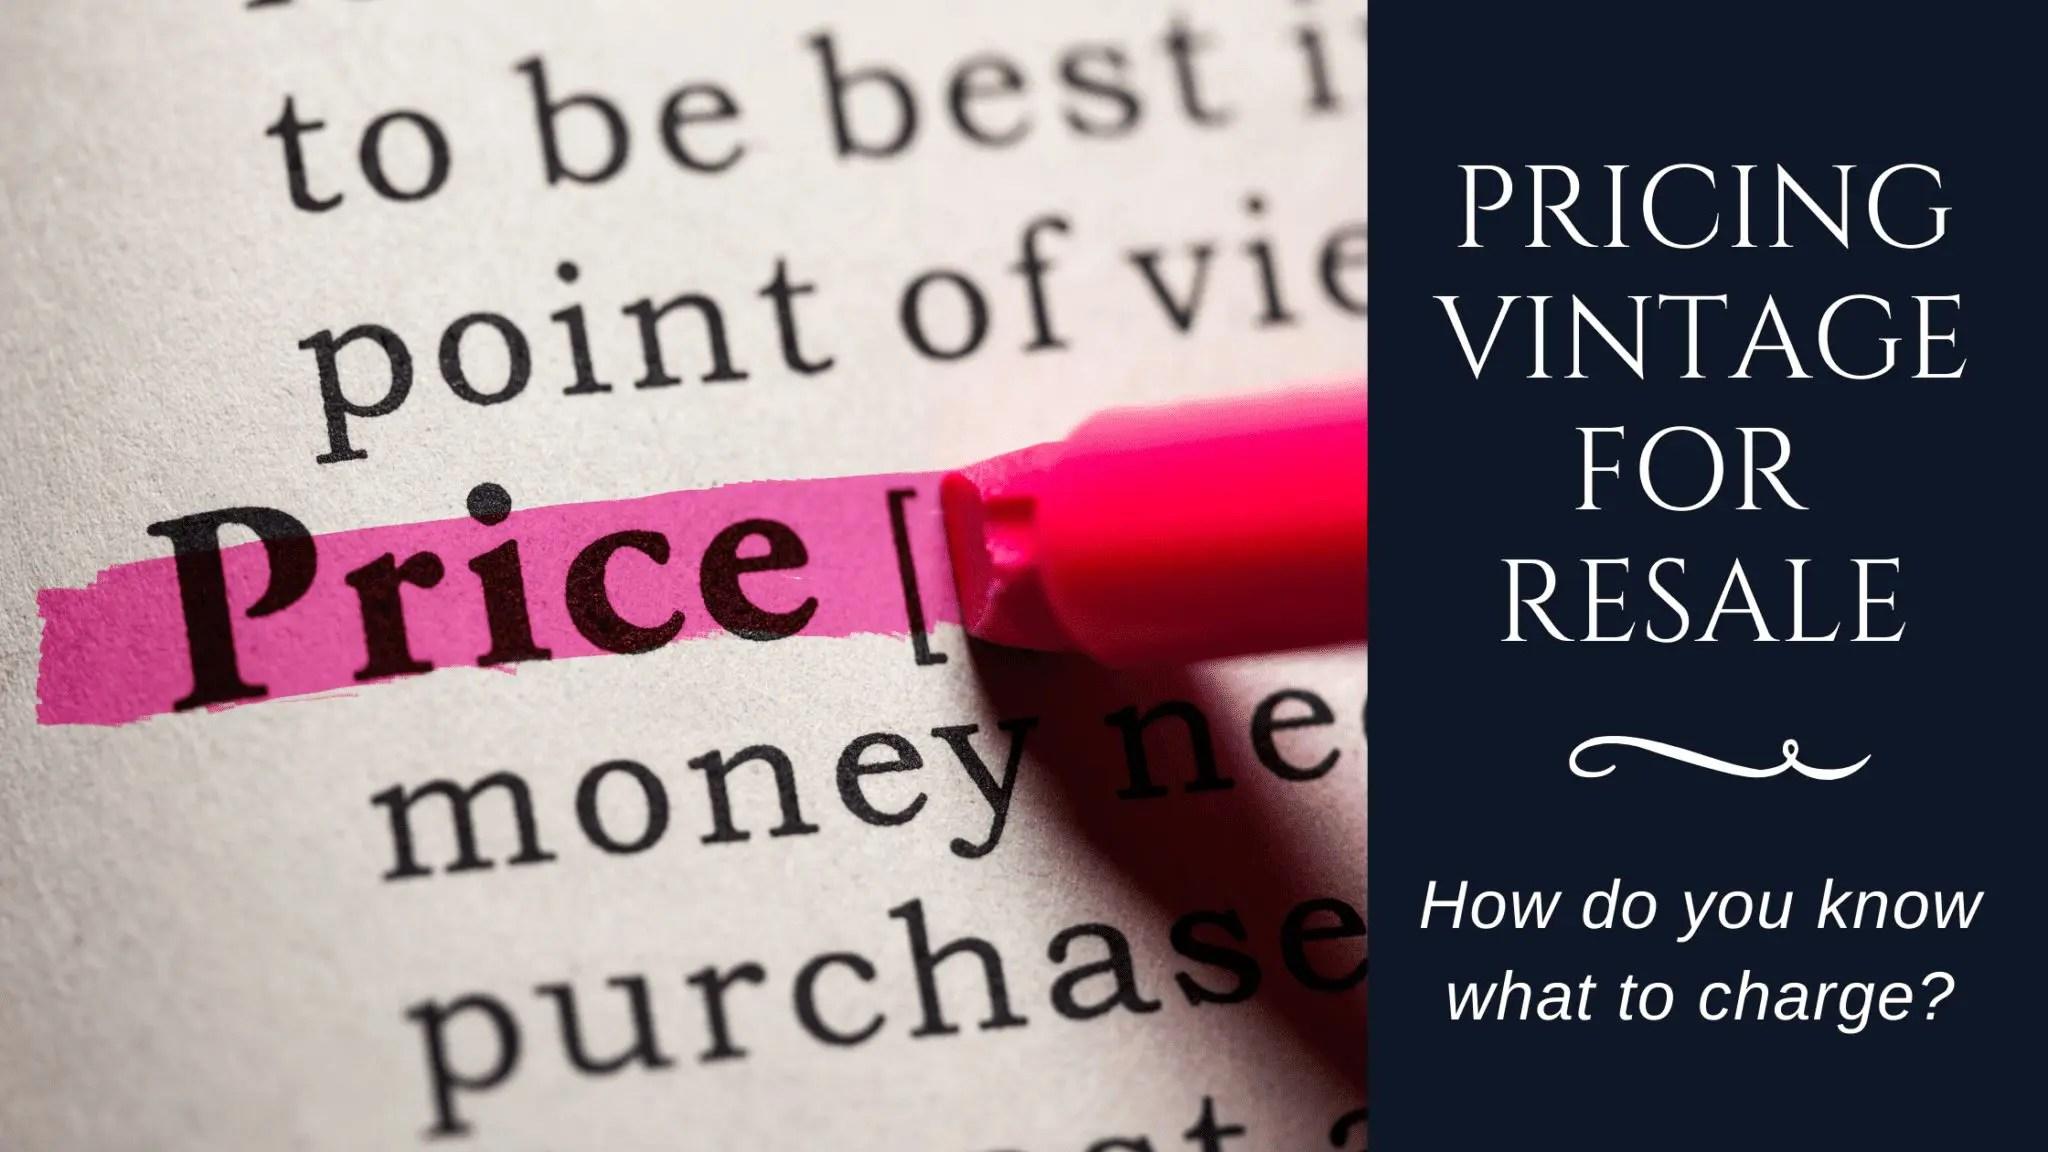 Pricing Vintage for Resale